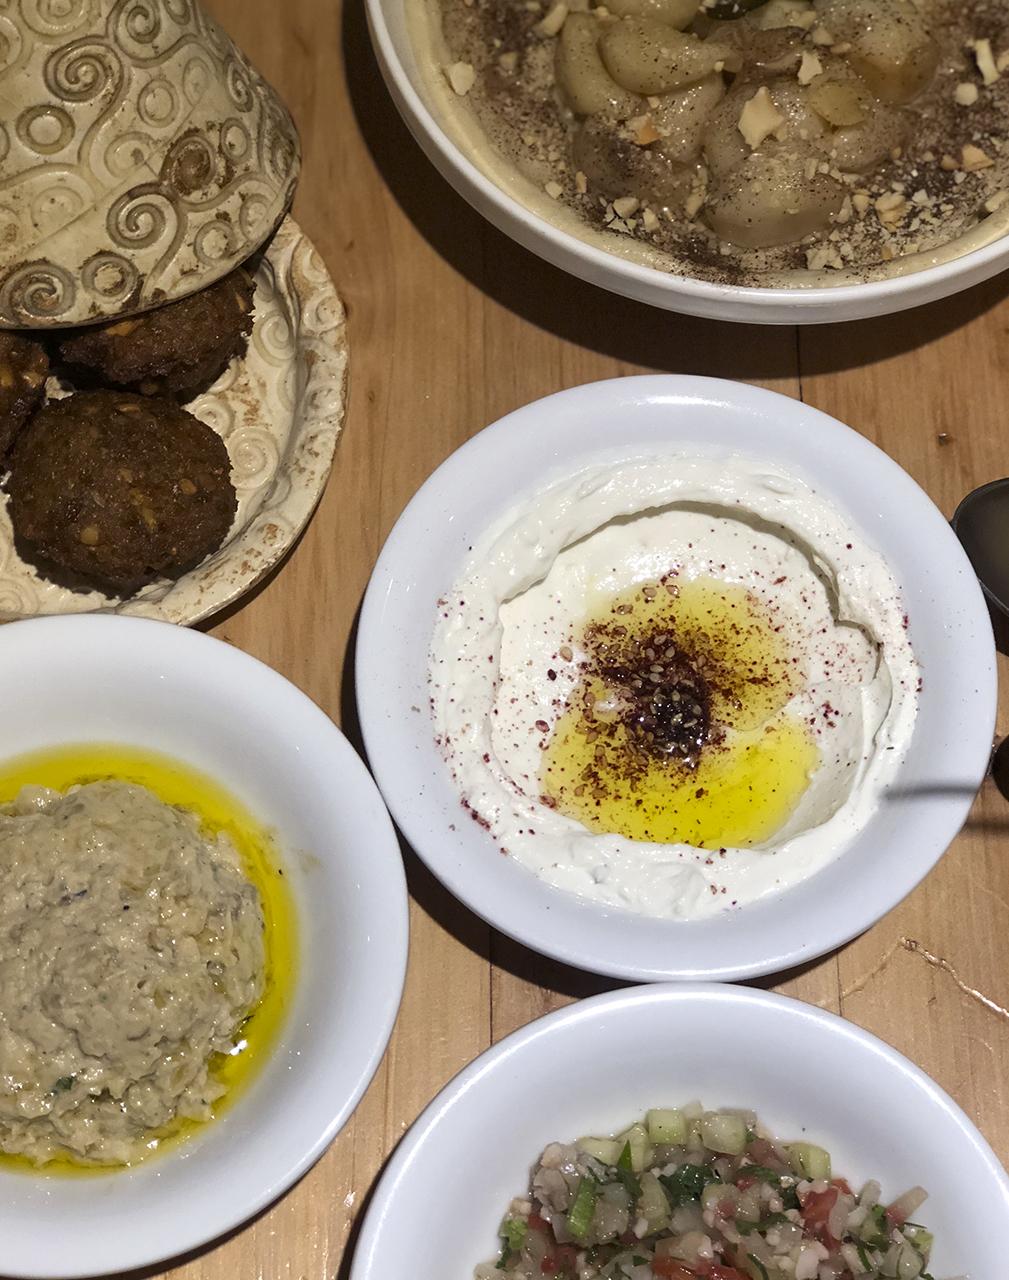 restaurante-libanes merkava